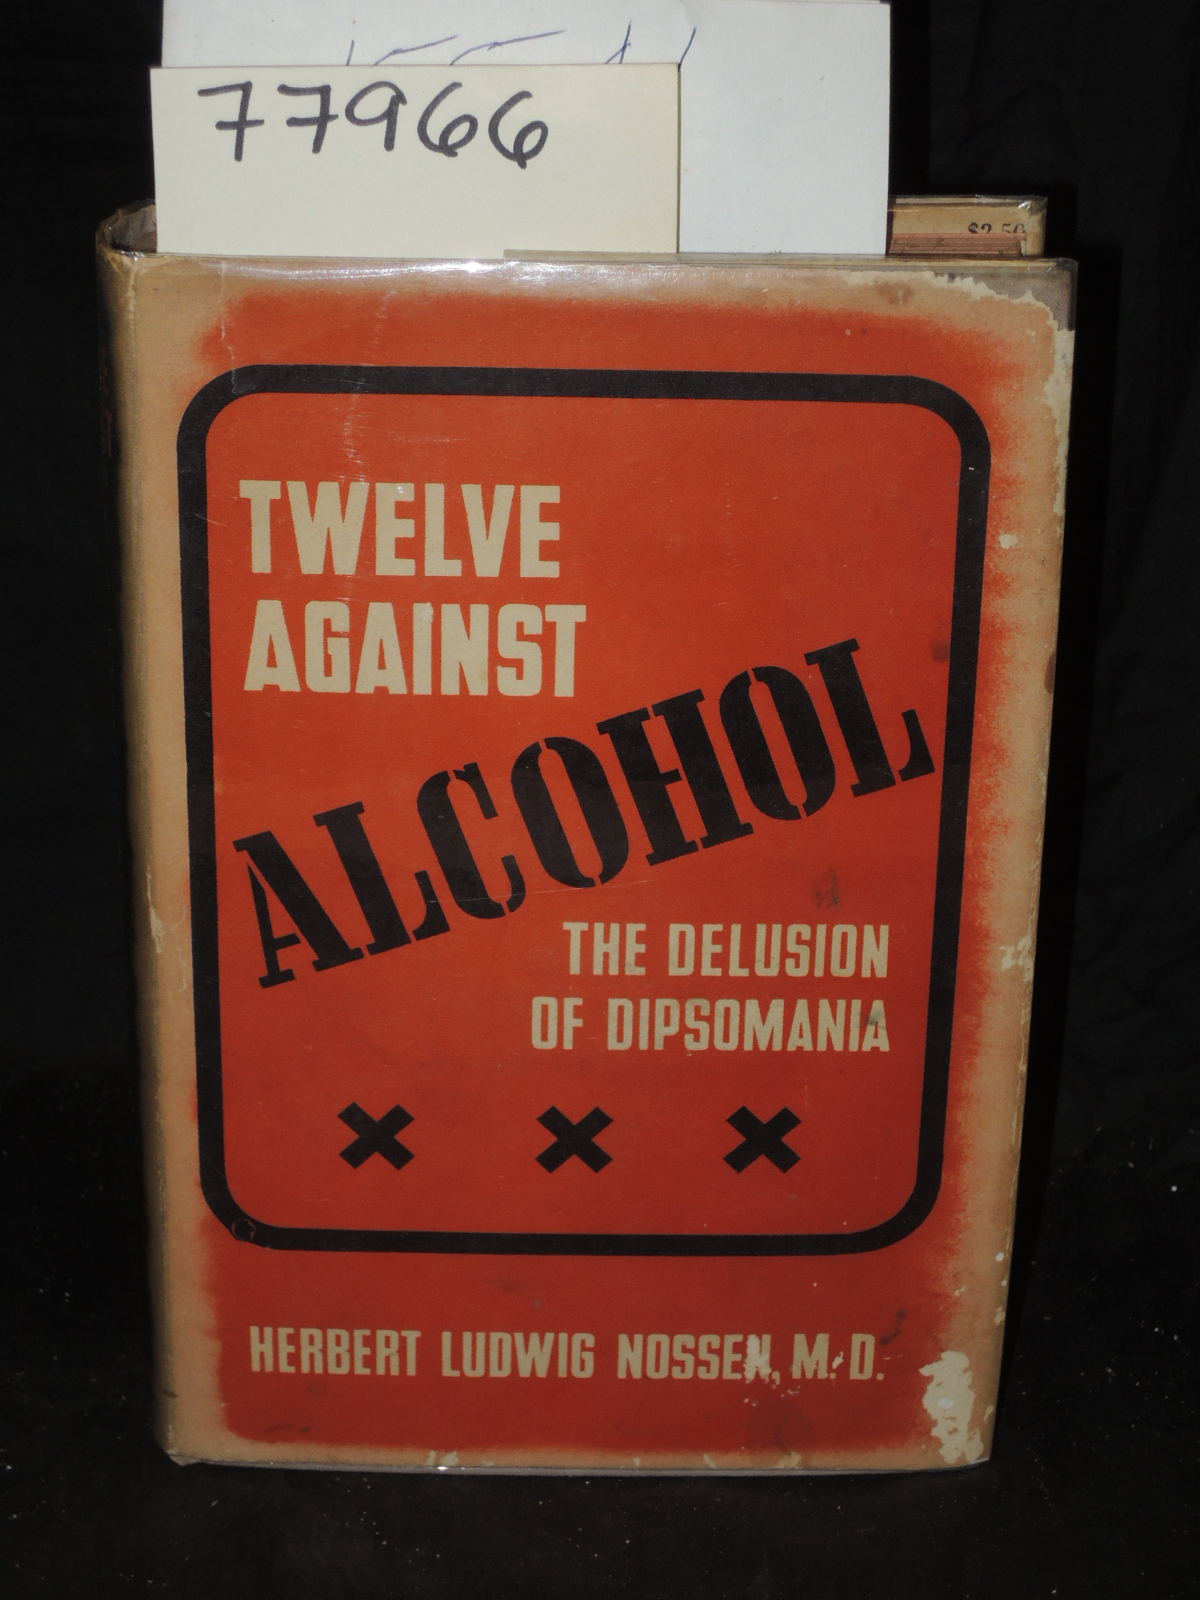 Nossen, Herbert Ludwig: TWELVE AGAINST ALCOHOL